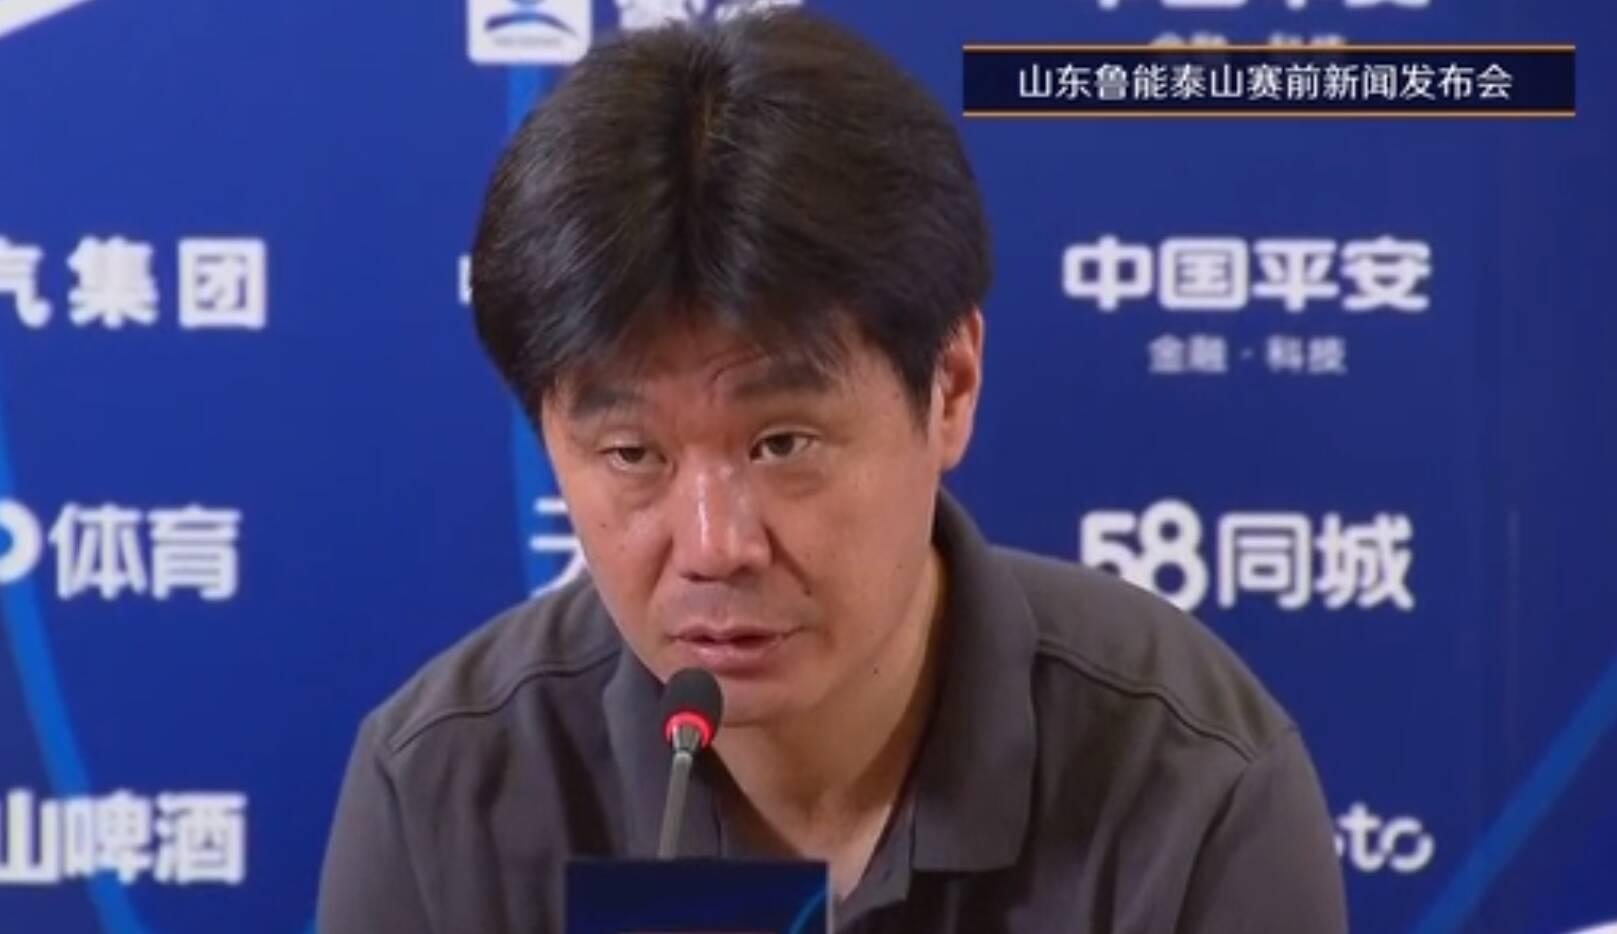 李霄鹏:下场比赛继续轮换 佩莱和刘彬彬都会首发